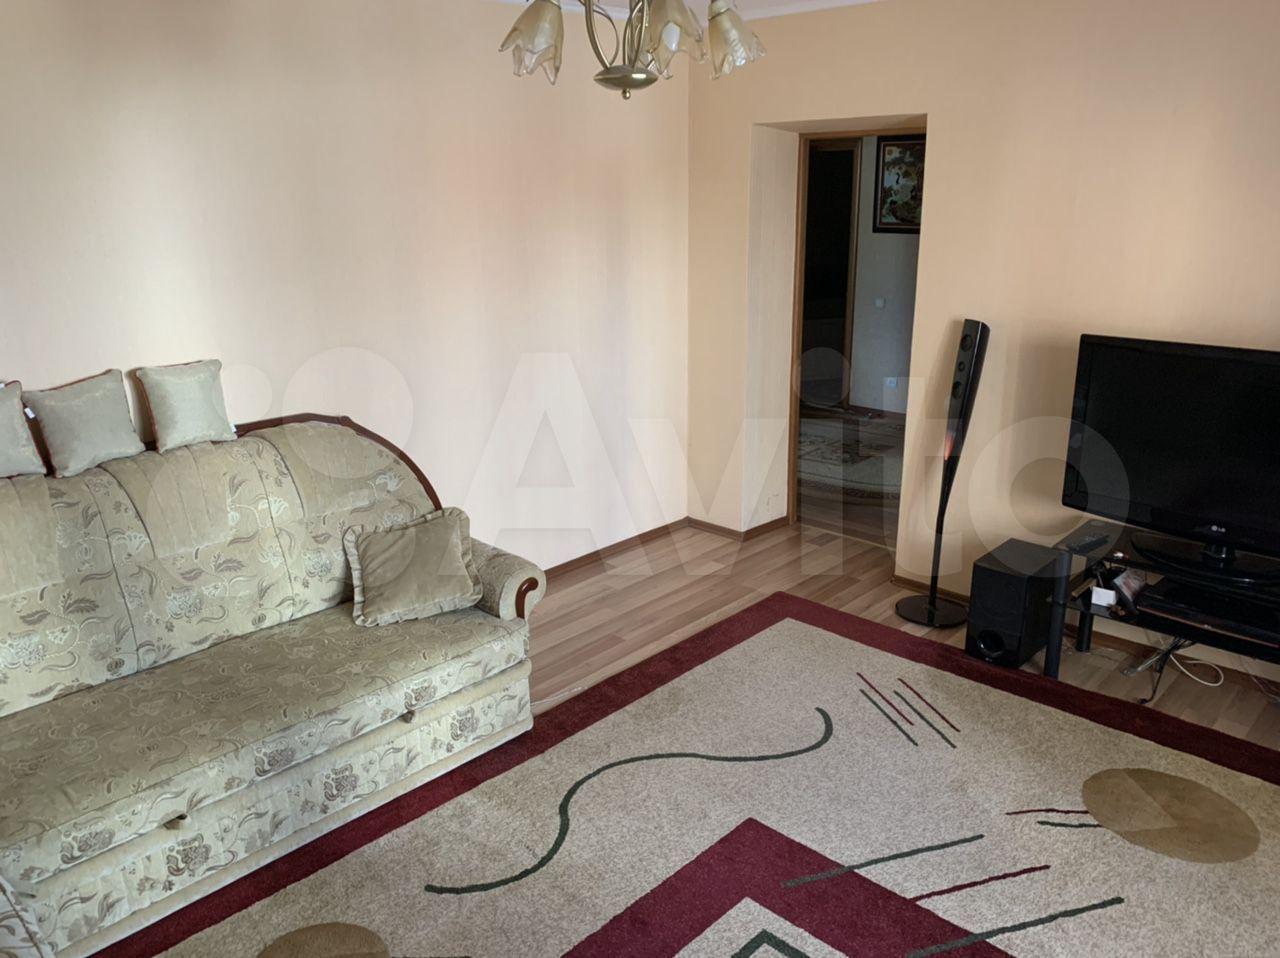 2-к квартира, 63 м², 1/5 эт.  89587393434 купить 3